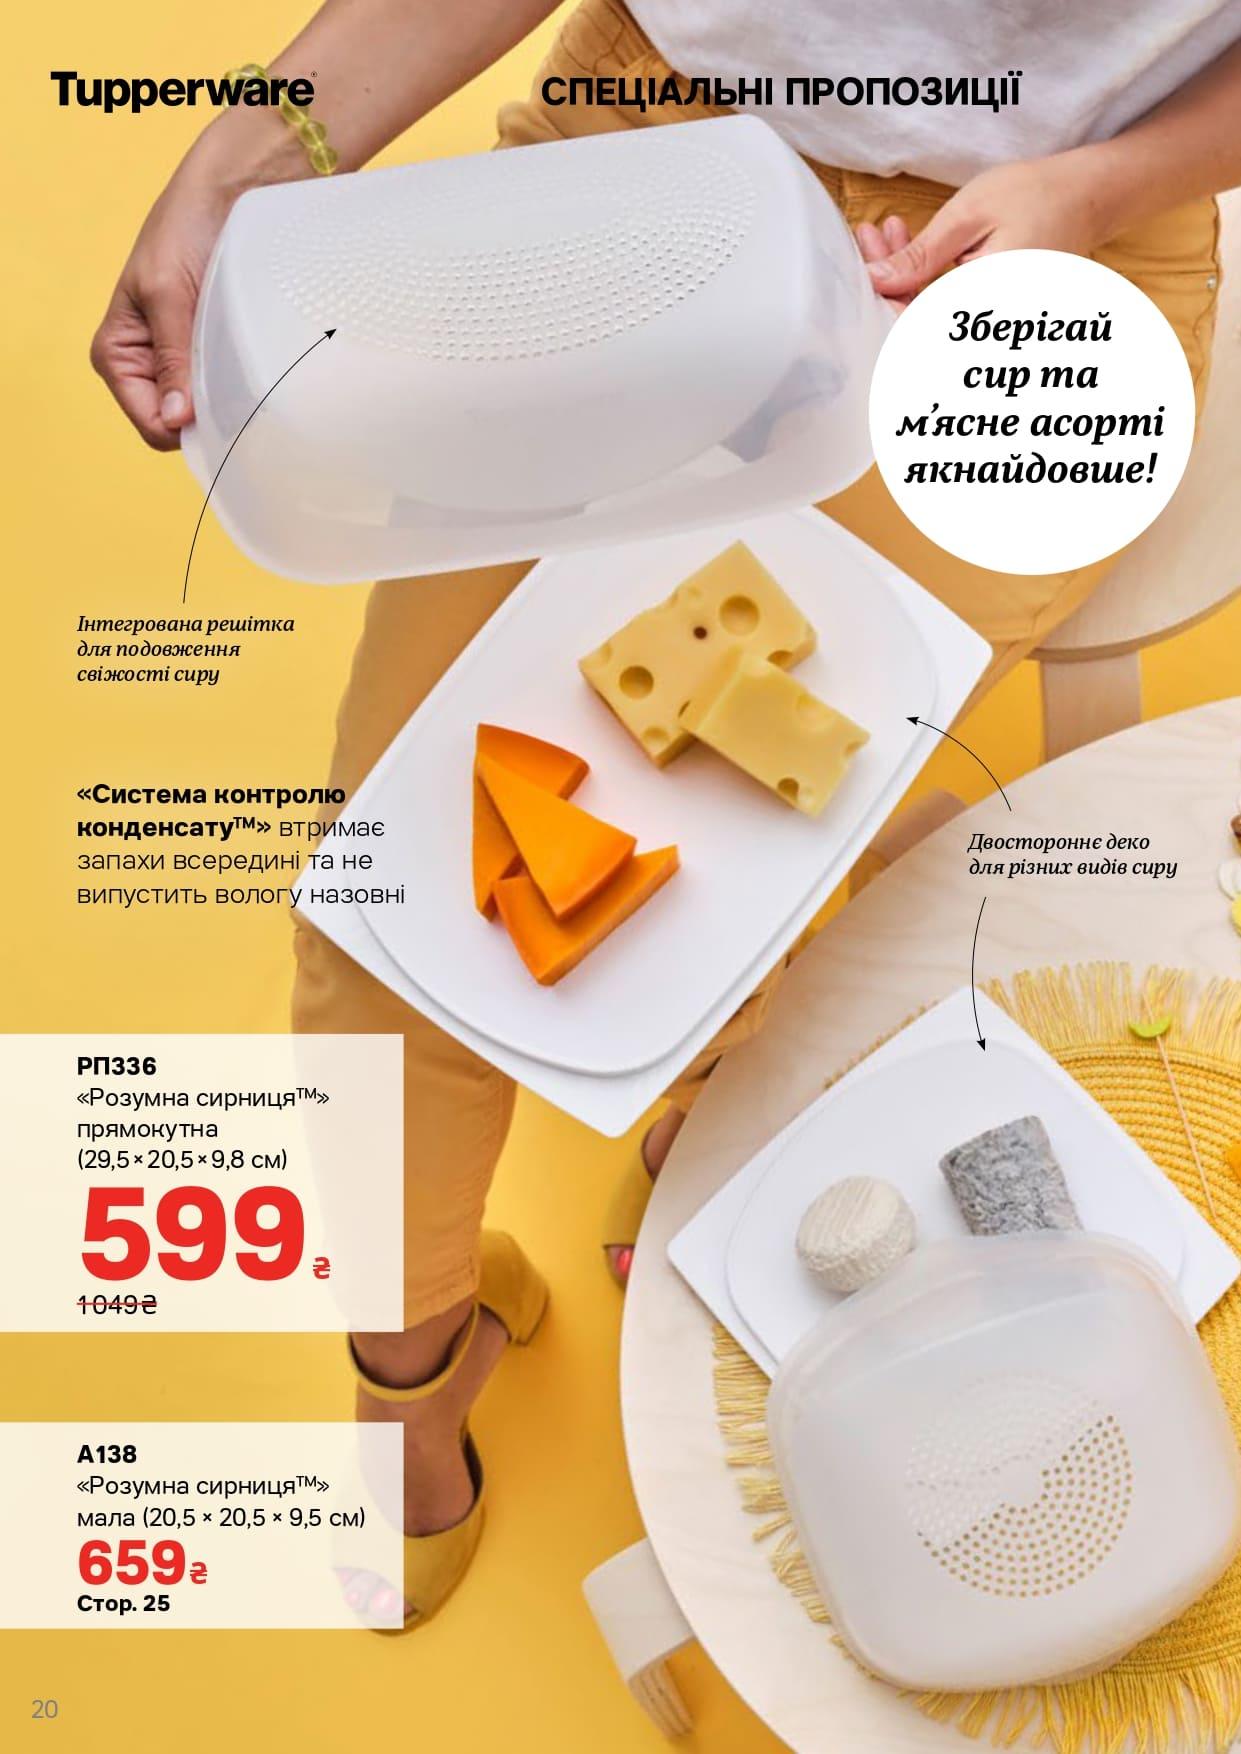 Умная сырница большая прямоугольная, скидка 43%.